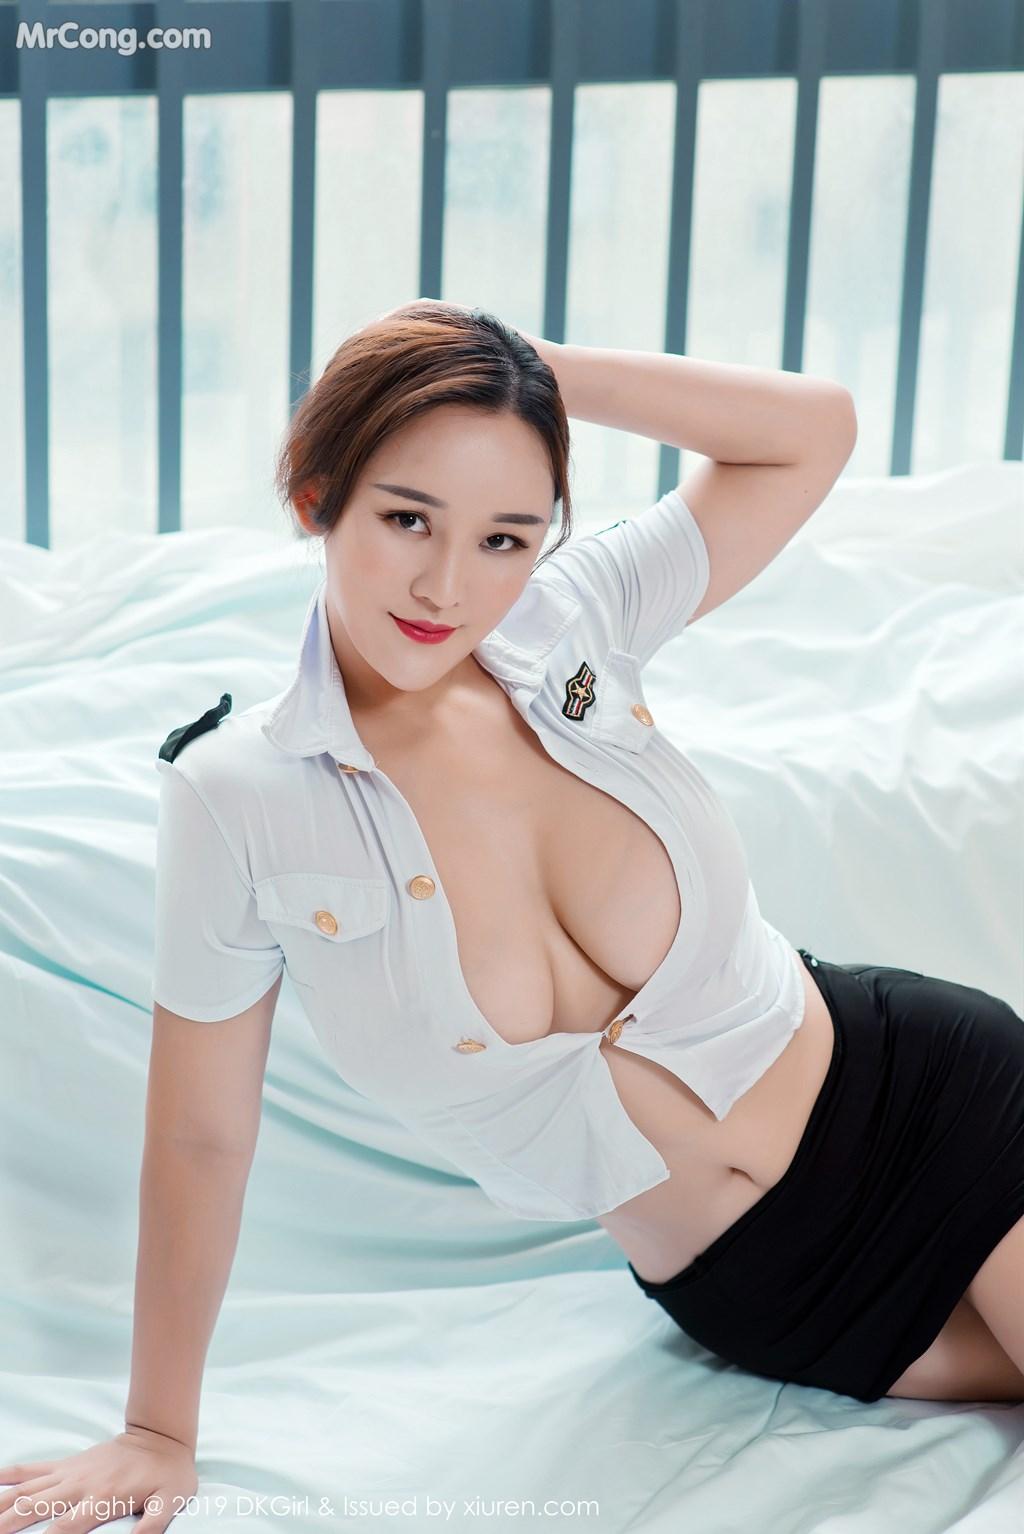 Image DKGirl-Vol.107-ber-MrCong.com-004 in post DKGirl Vol.107: 潘琳琳ber (54 ảnh)